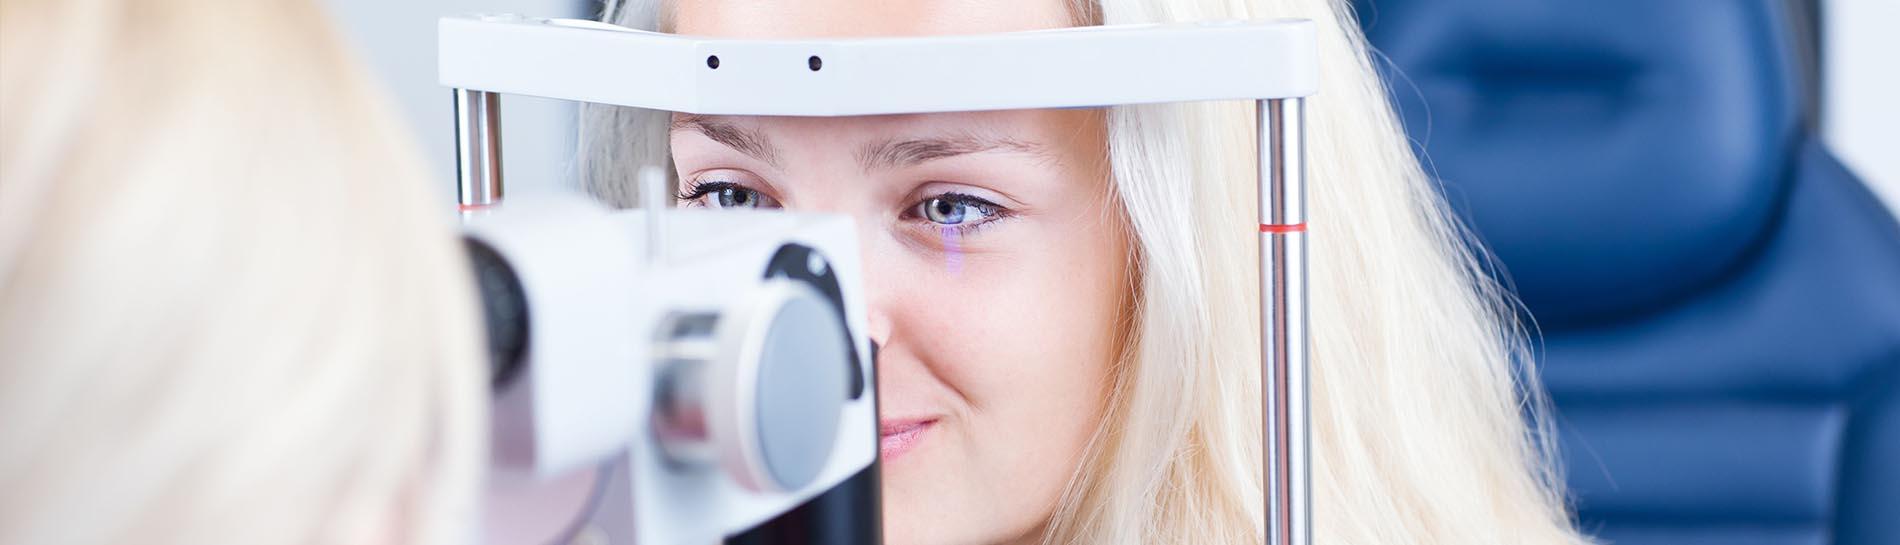 rossz látás plusz mínusz hyperopia és myopia táblázat